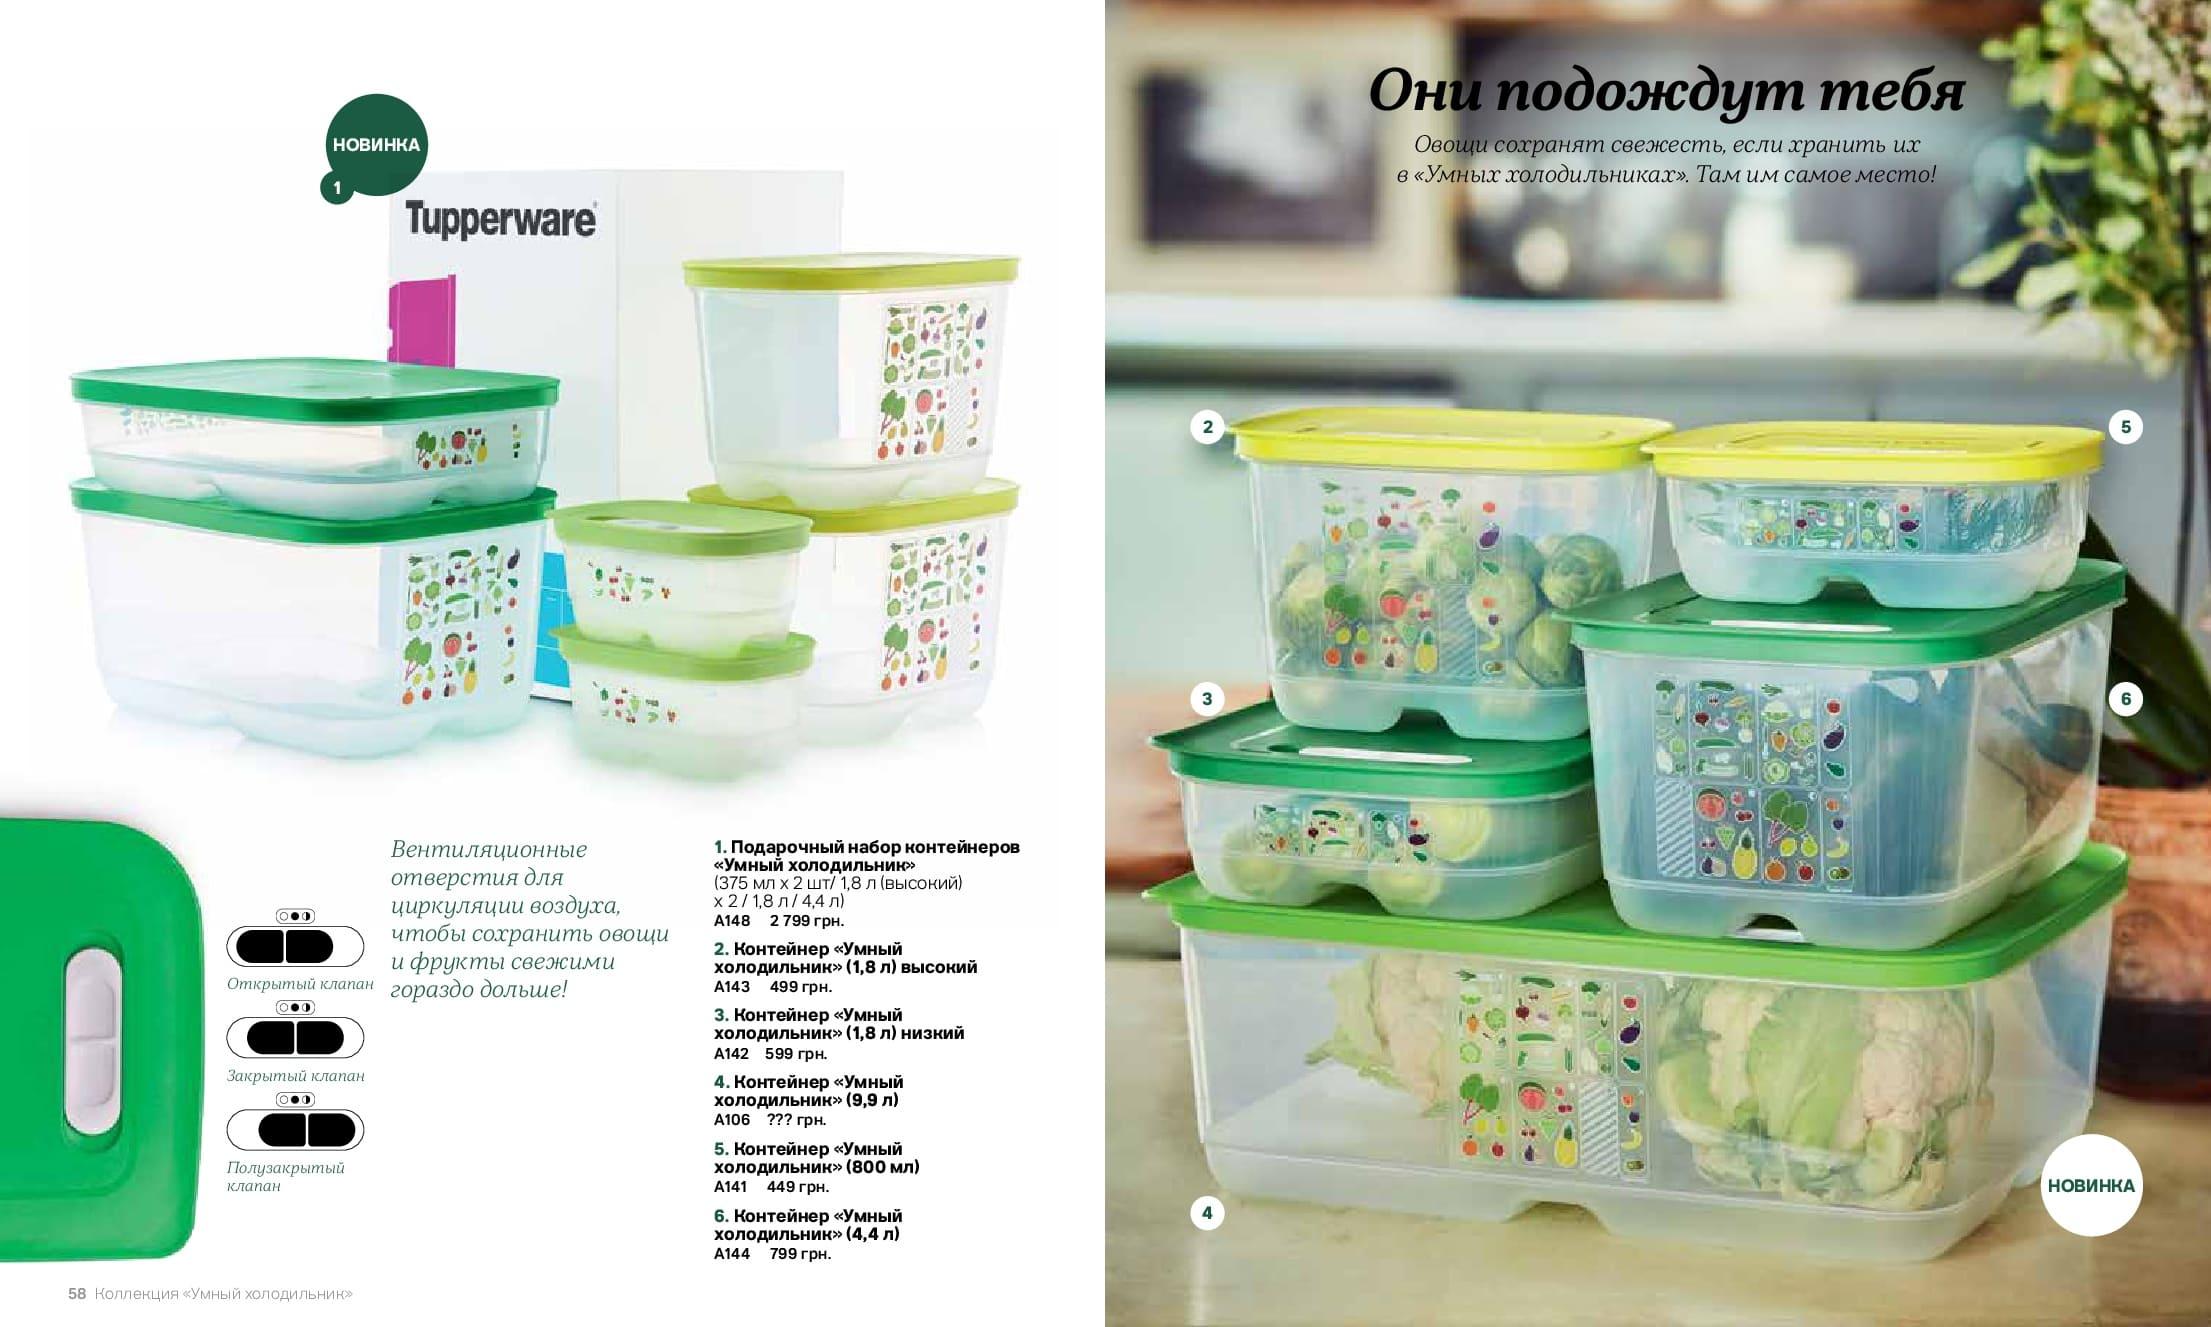 Умные холодильники tupperware  - это Серия революционных контейнеров, созданная для хранения овощей и фруктов в холодильнике в оптимальных условиях, обеспечит свежесть продуктов максимально долго.